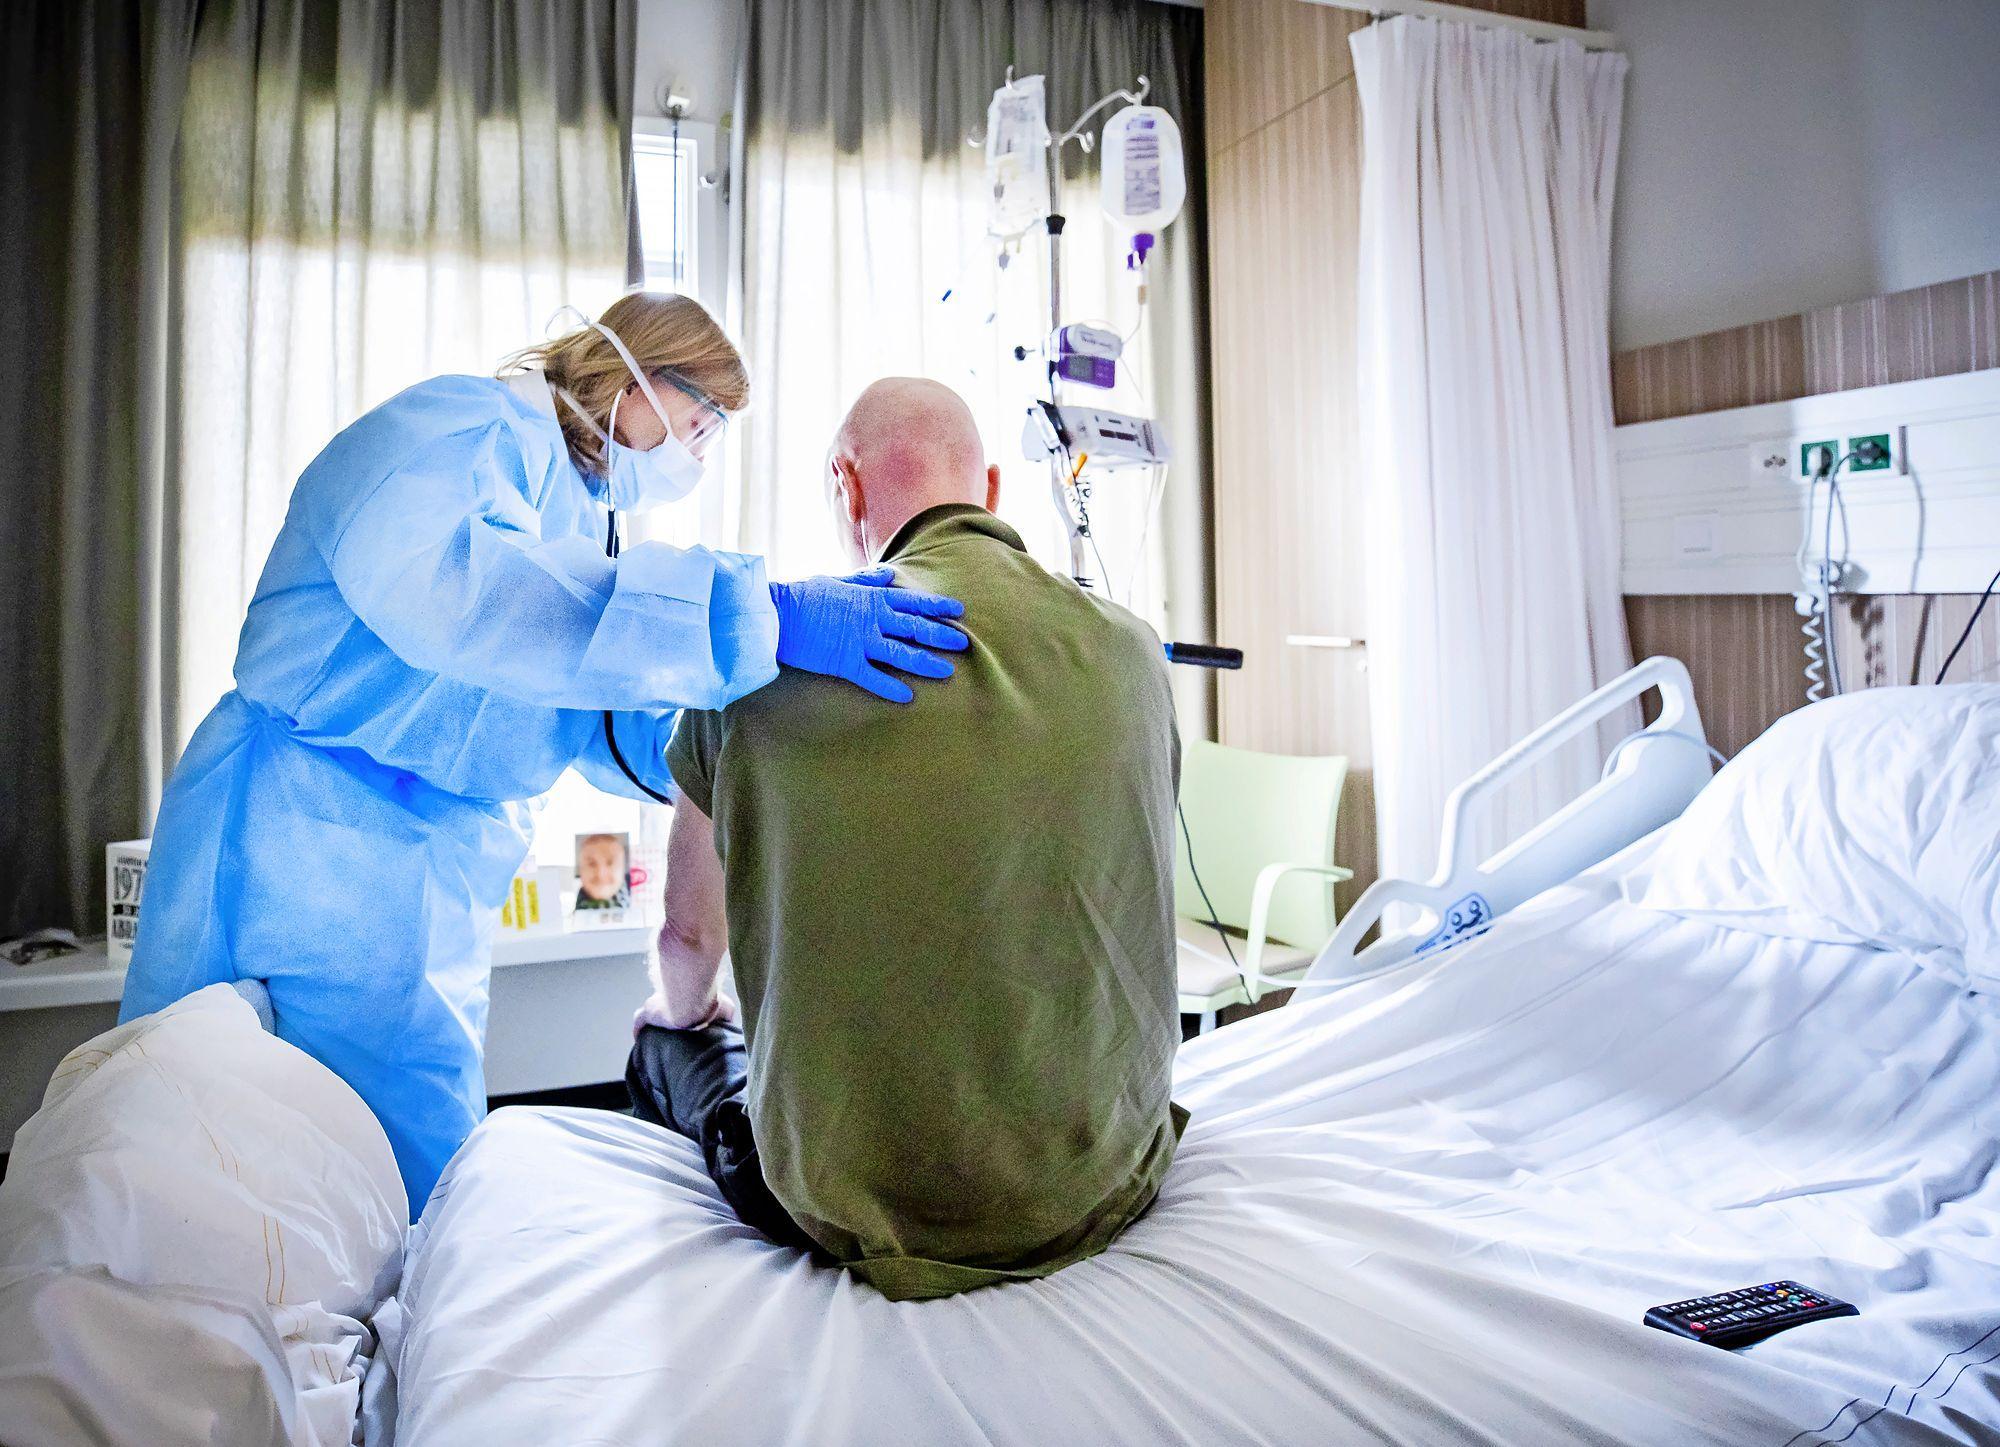 Vreugde op coronaverpleegafdeling Noordwest duurt kort: intussen toch weer twee nieuwe patiënten met besmetting in ziekenhuis opgenomen